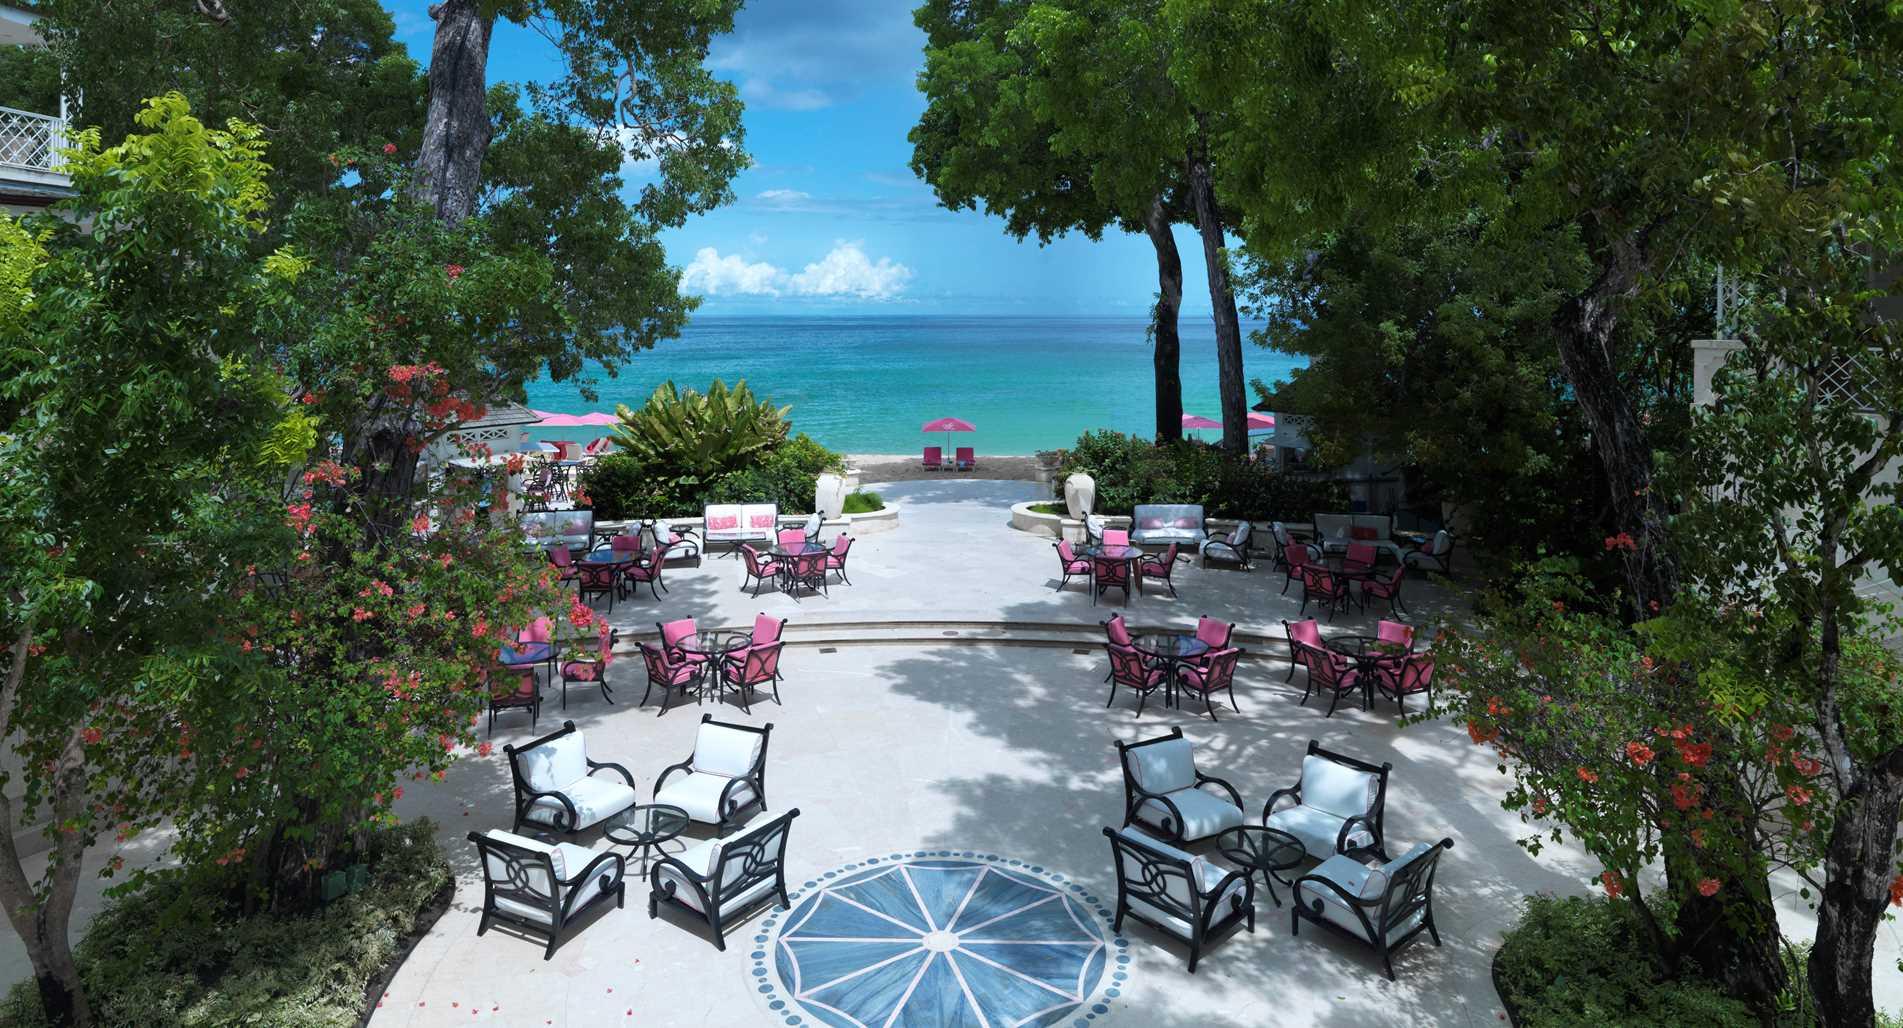 Barbados_Sandy-Lane_Balcony-View.jpeg